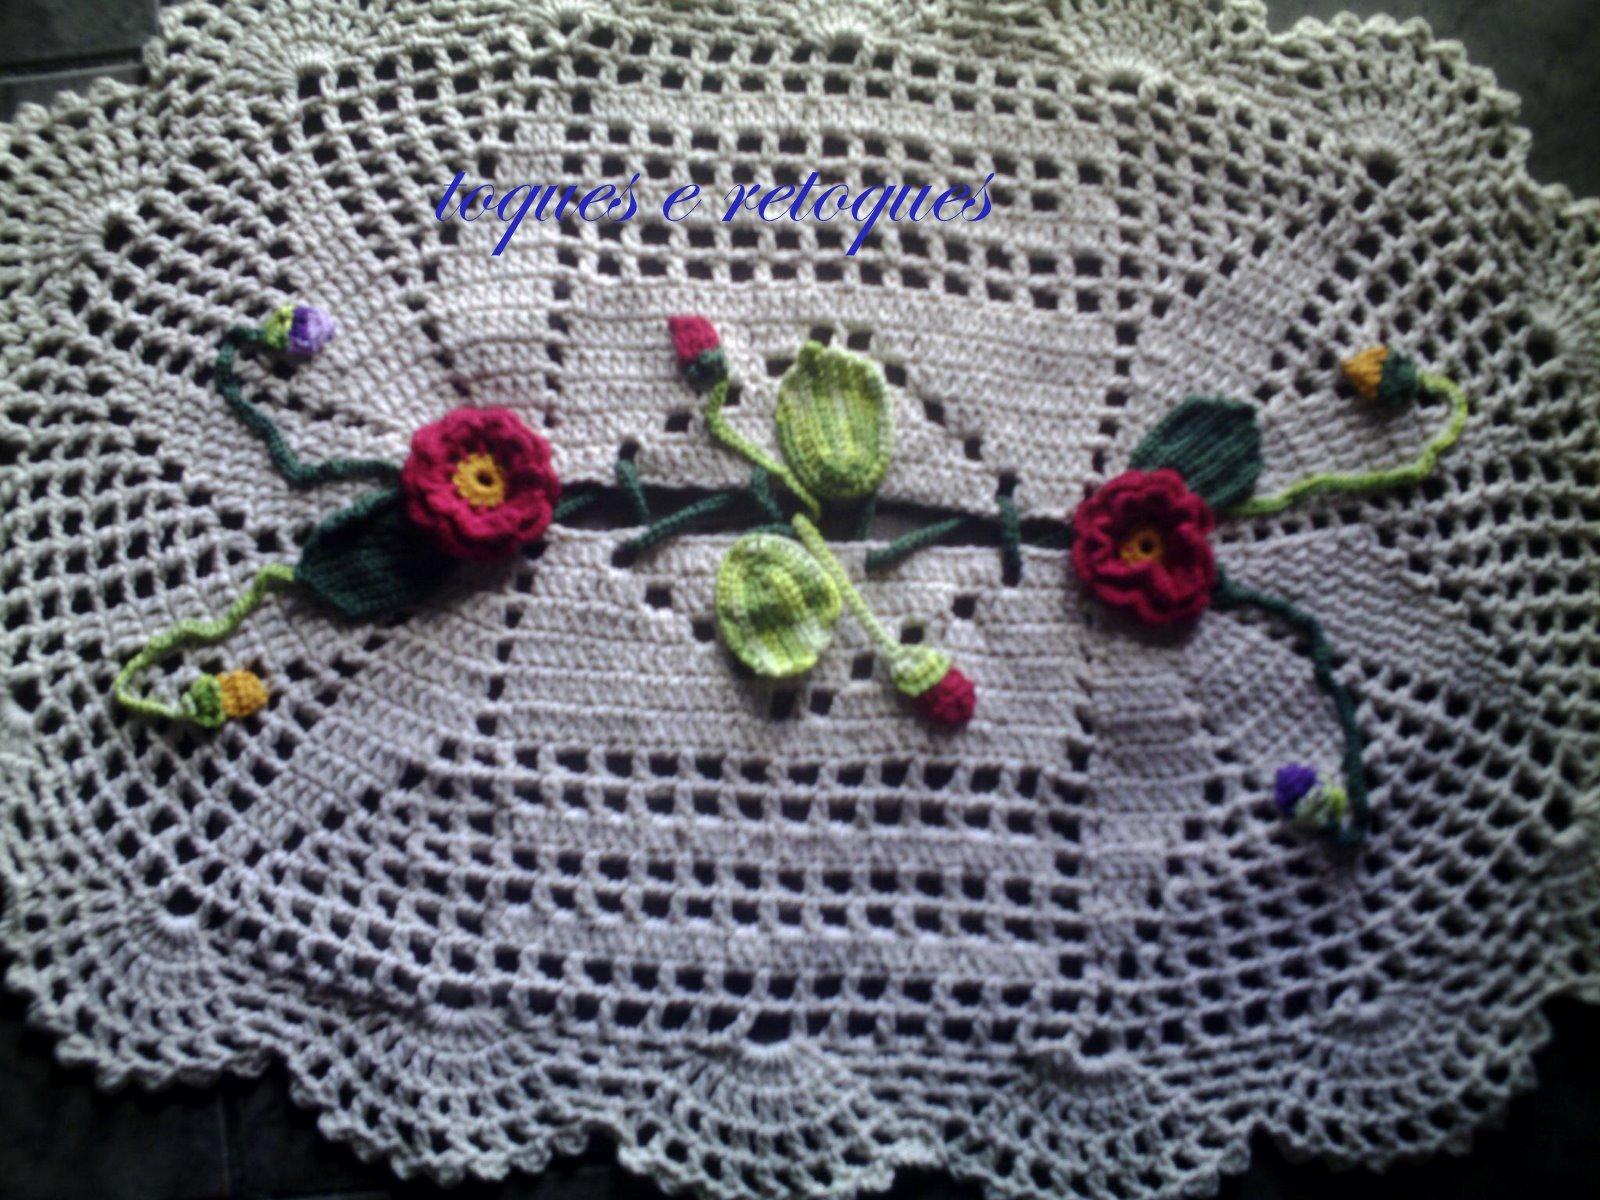 Pin Tapete Flores Croche Barbante Banheiro Decorado Genuardis Portal on Pinte -> Banheiro Decorado Com Croche